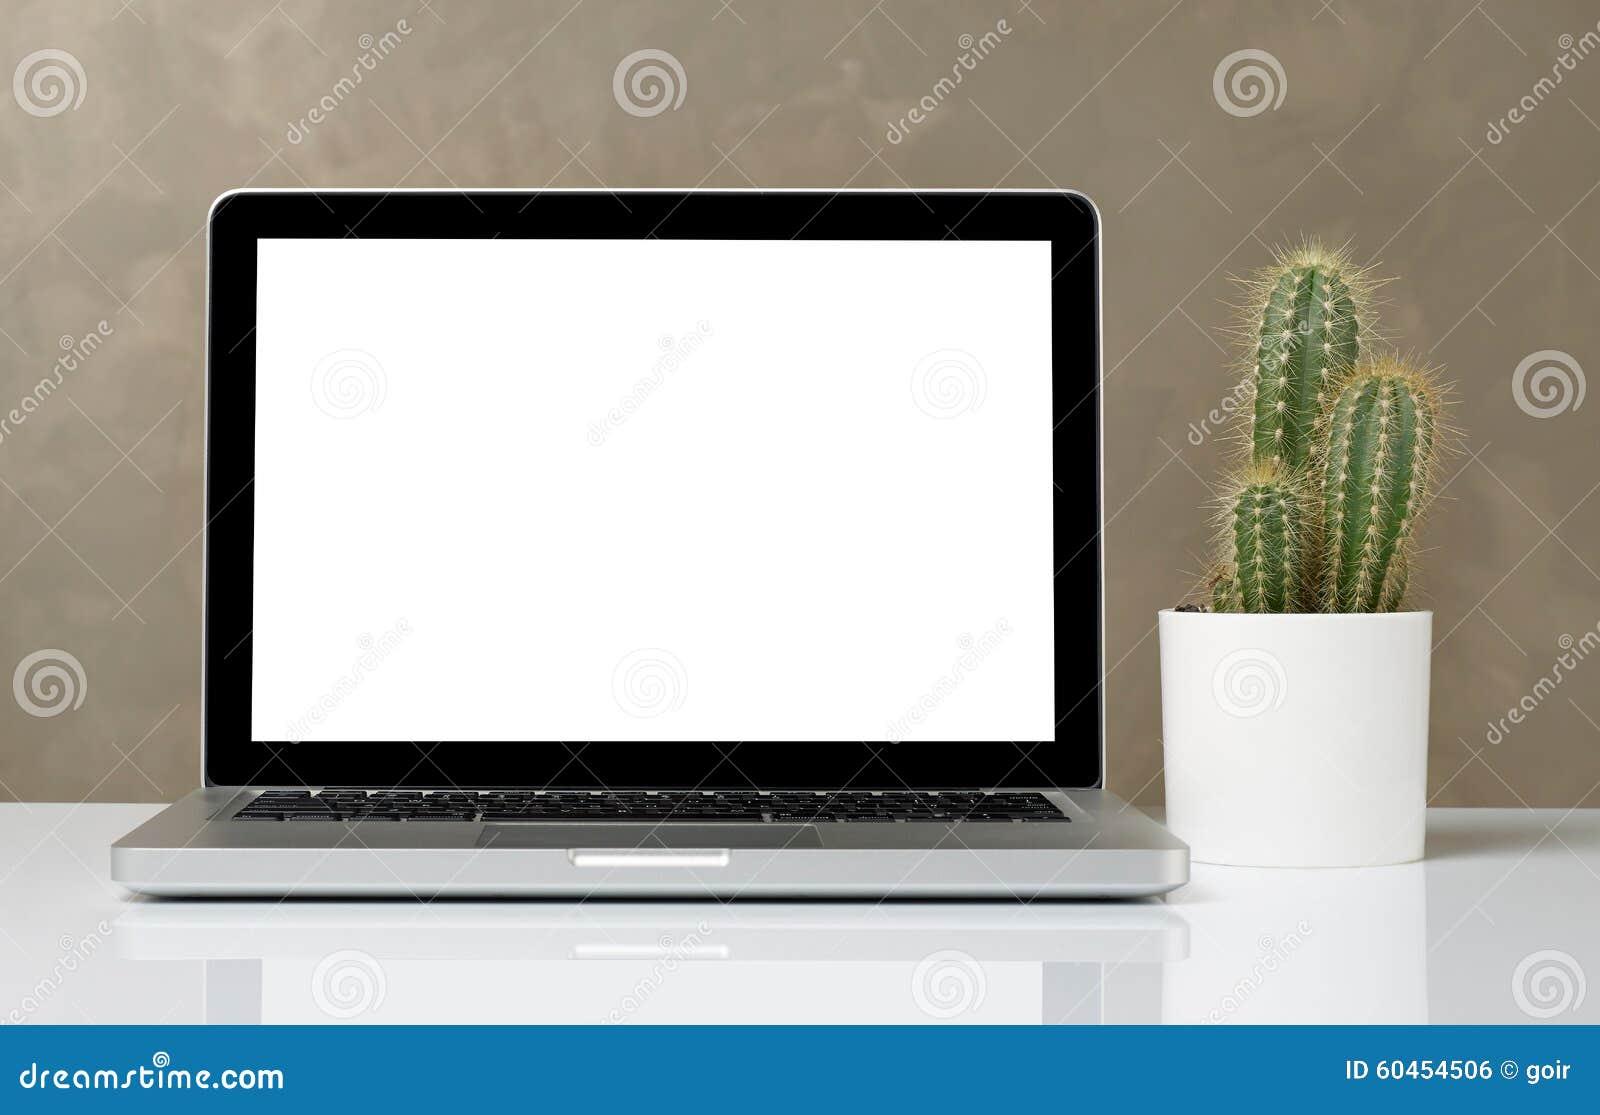 Laptop und Kaktus